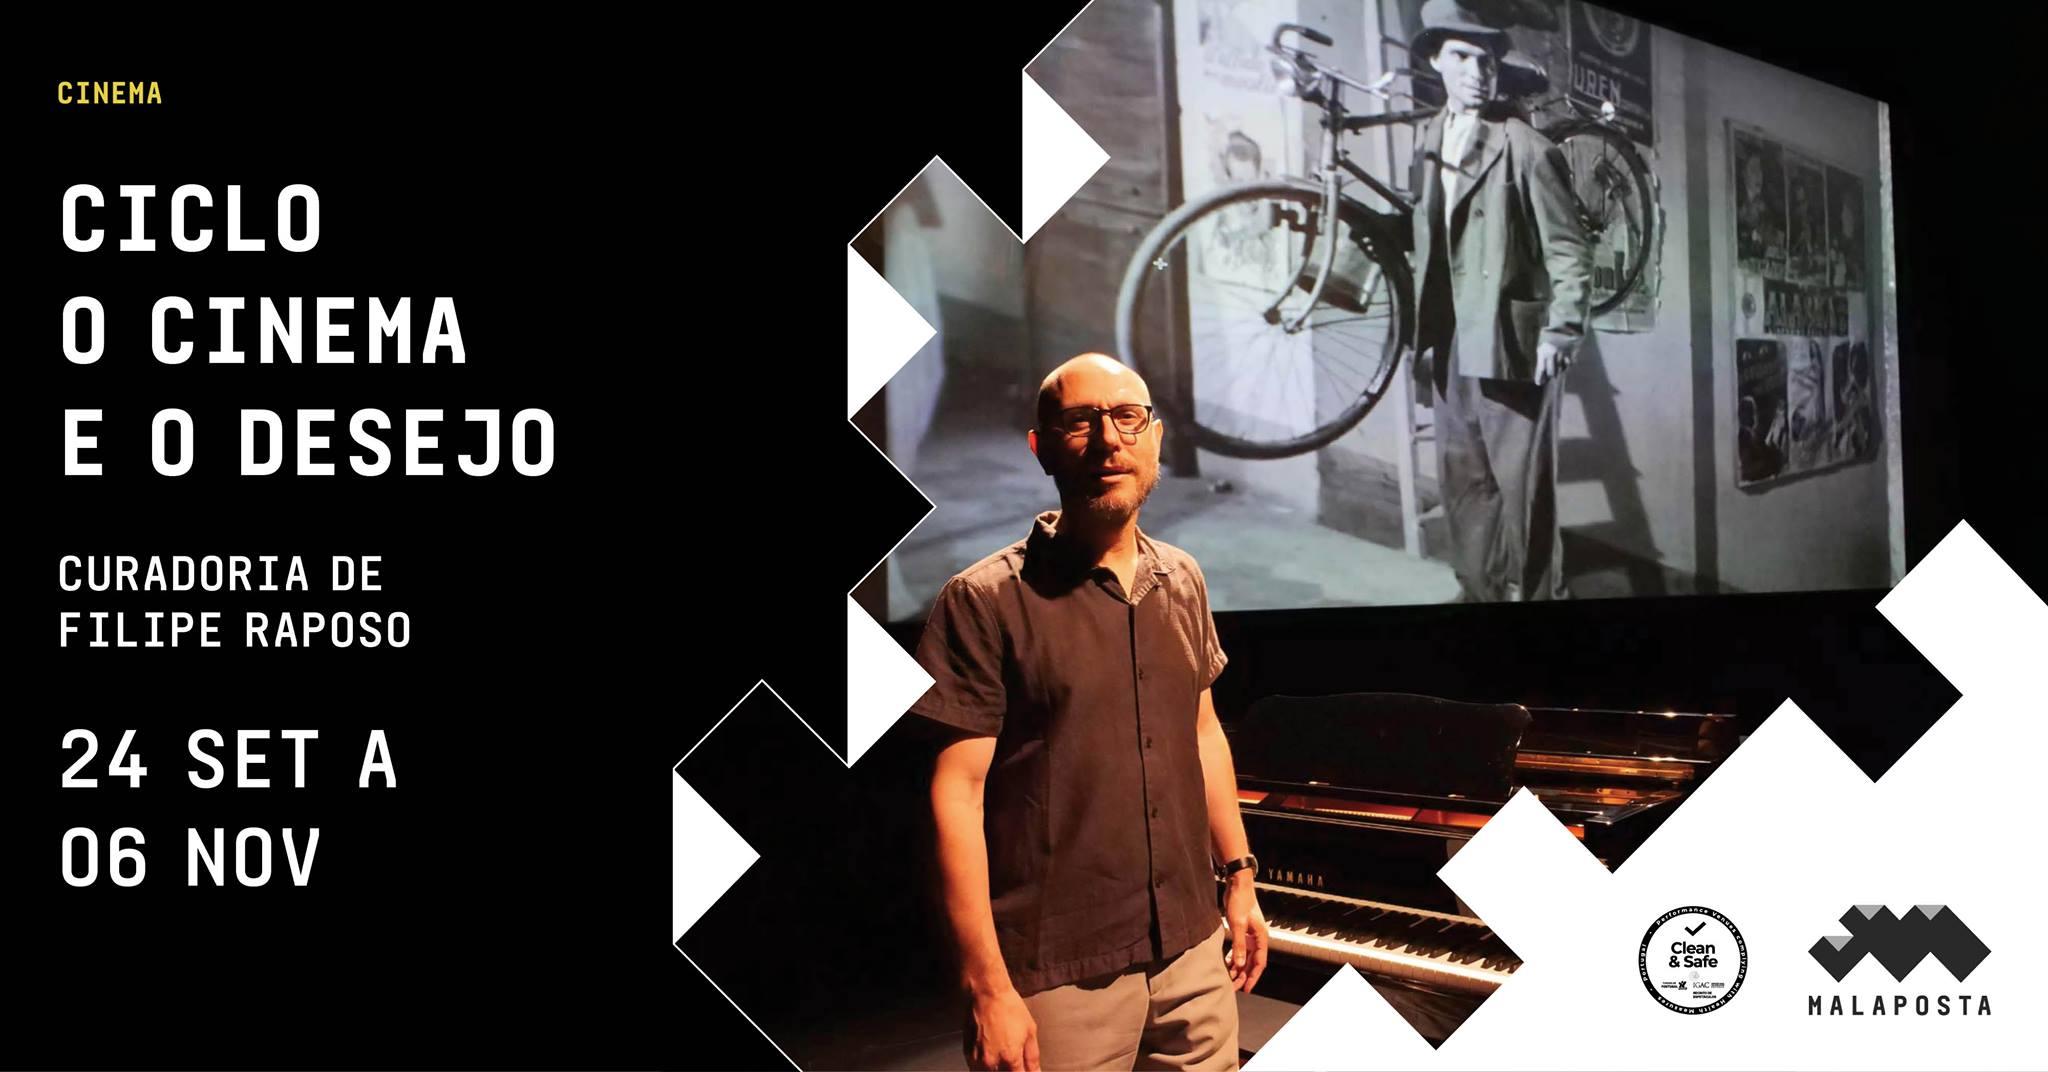 Ciclo O Cinema e o Desejo com curadoria de Filipe Raposo